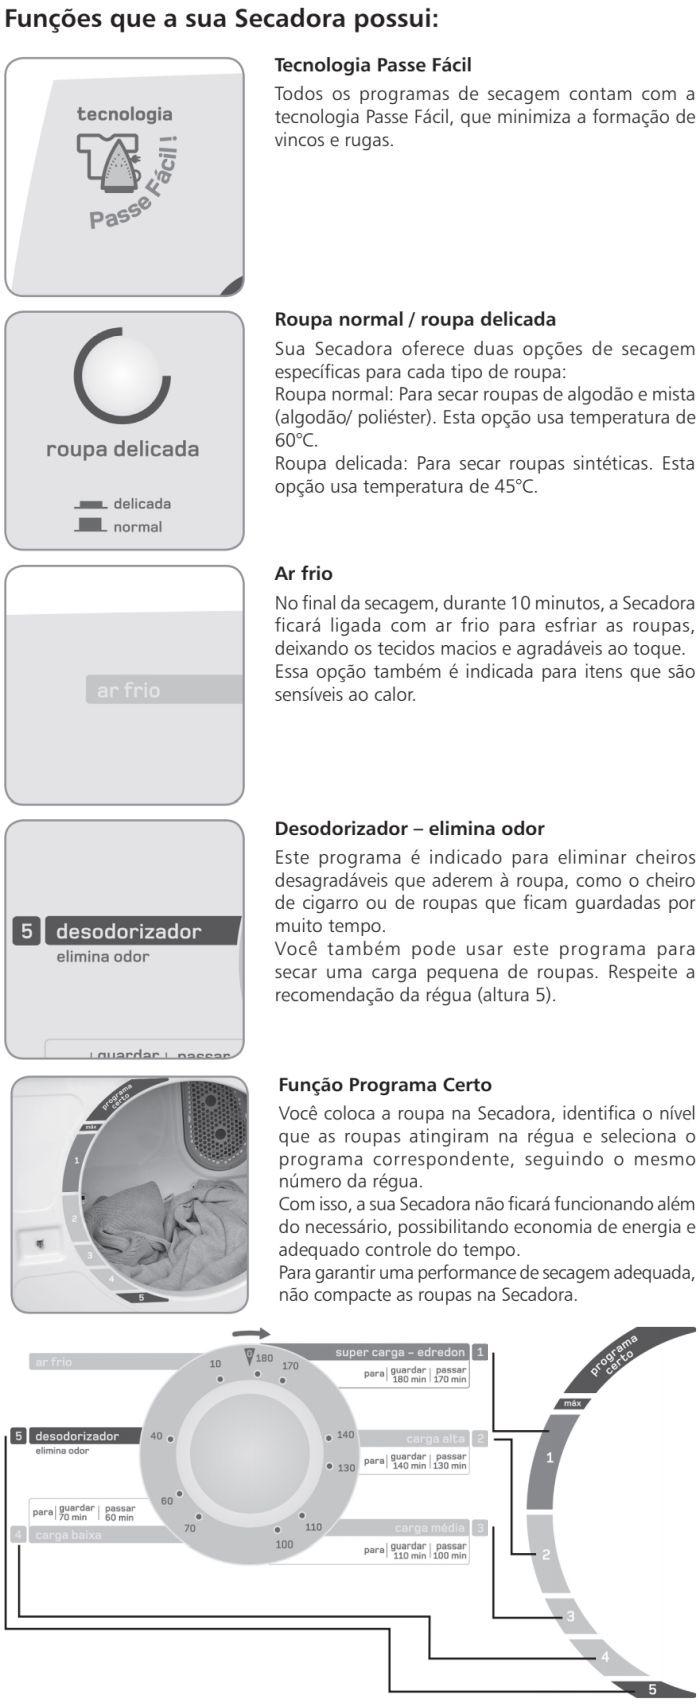 Secadora de Roupas Brastemp - BSR10 - conhecendo produto - funções